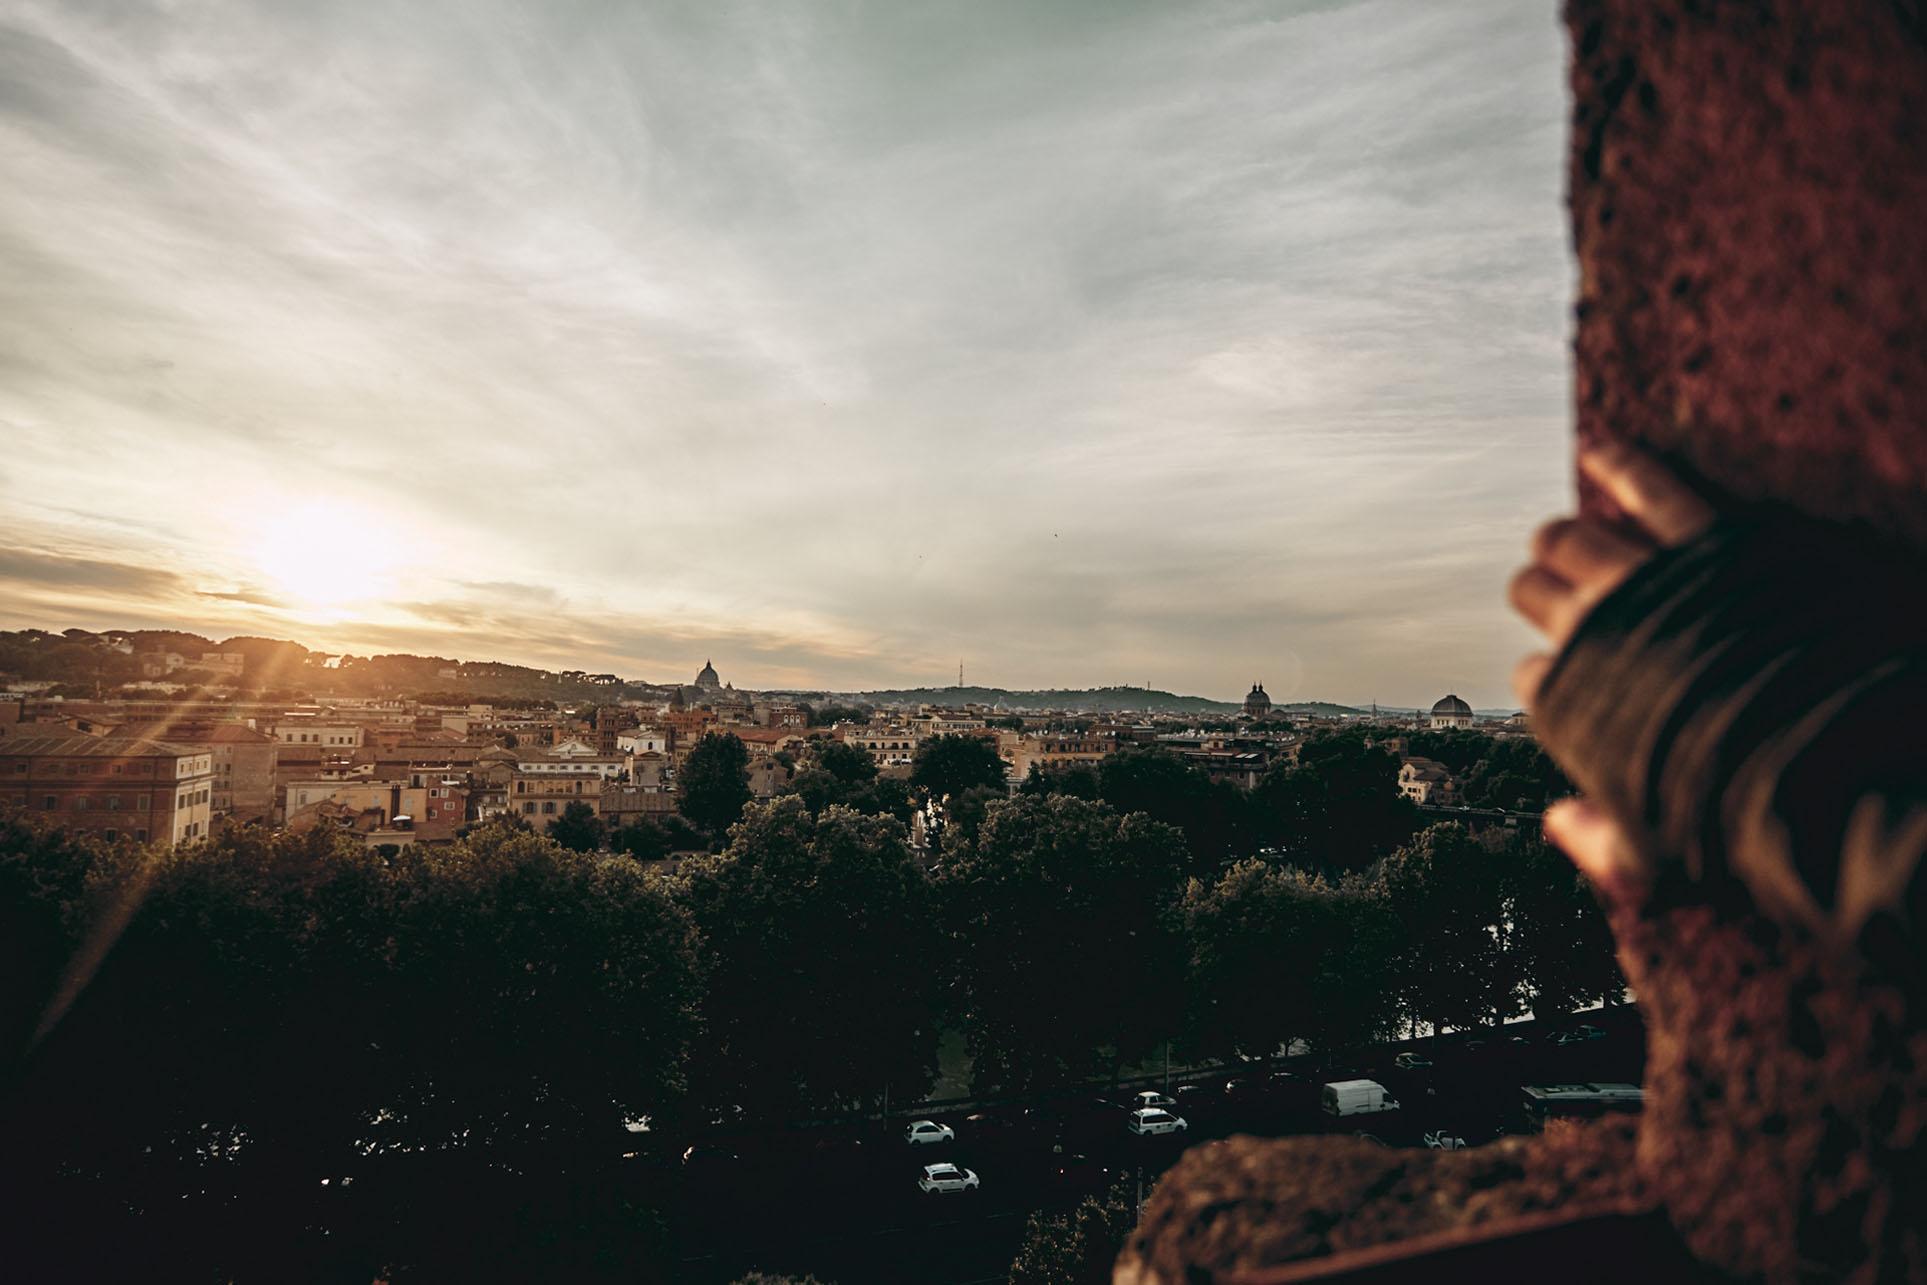 Through Italy / путешествие по Италии с фотографом Игорем Новиковым